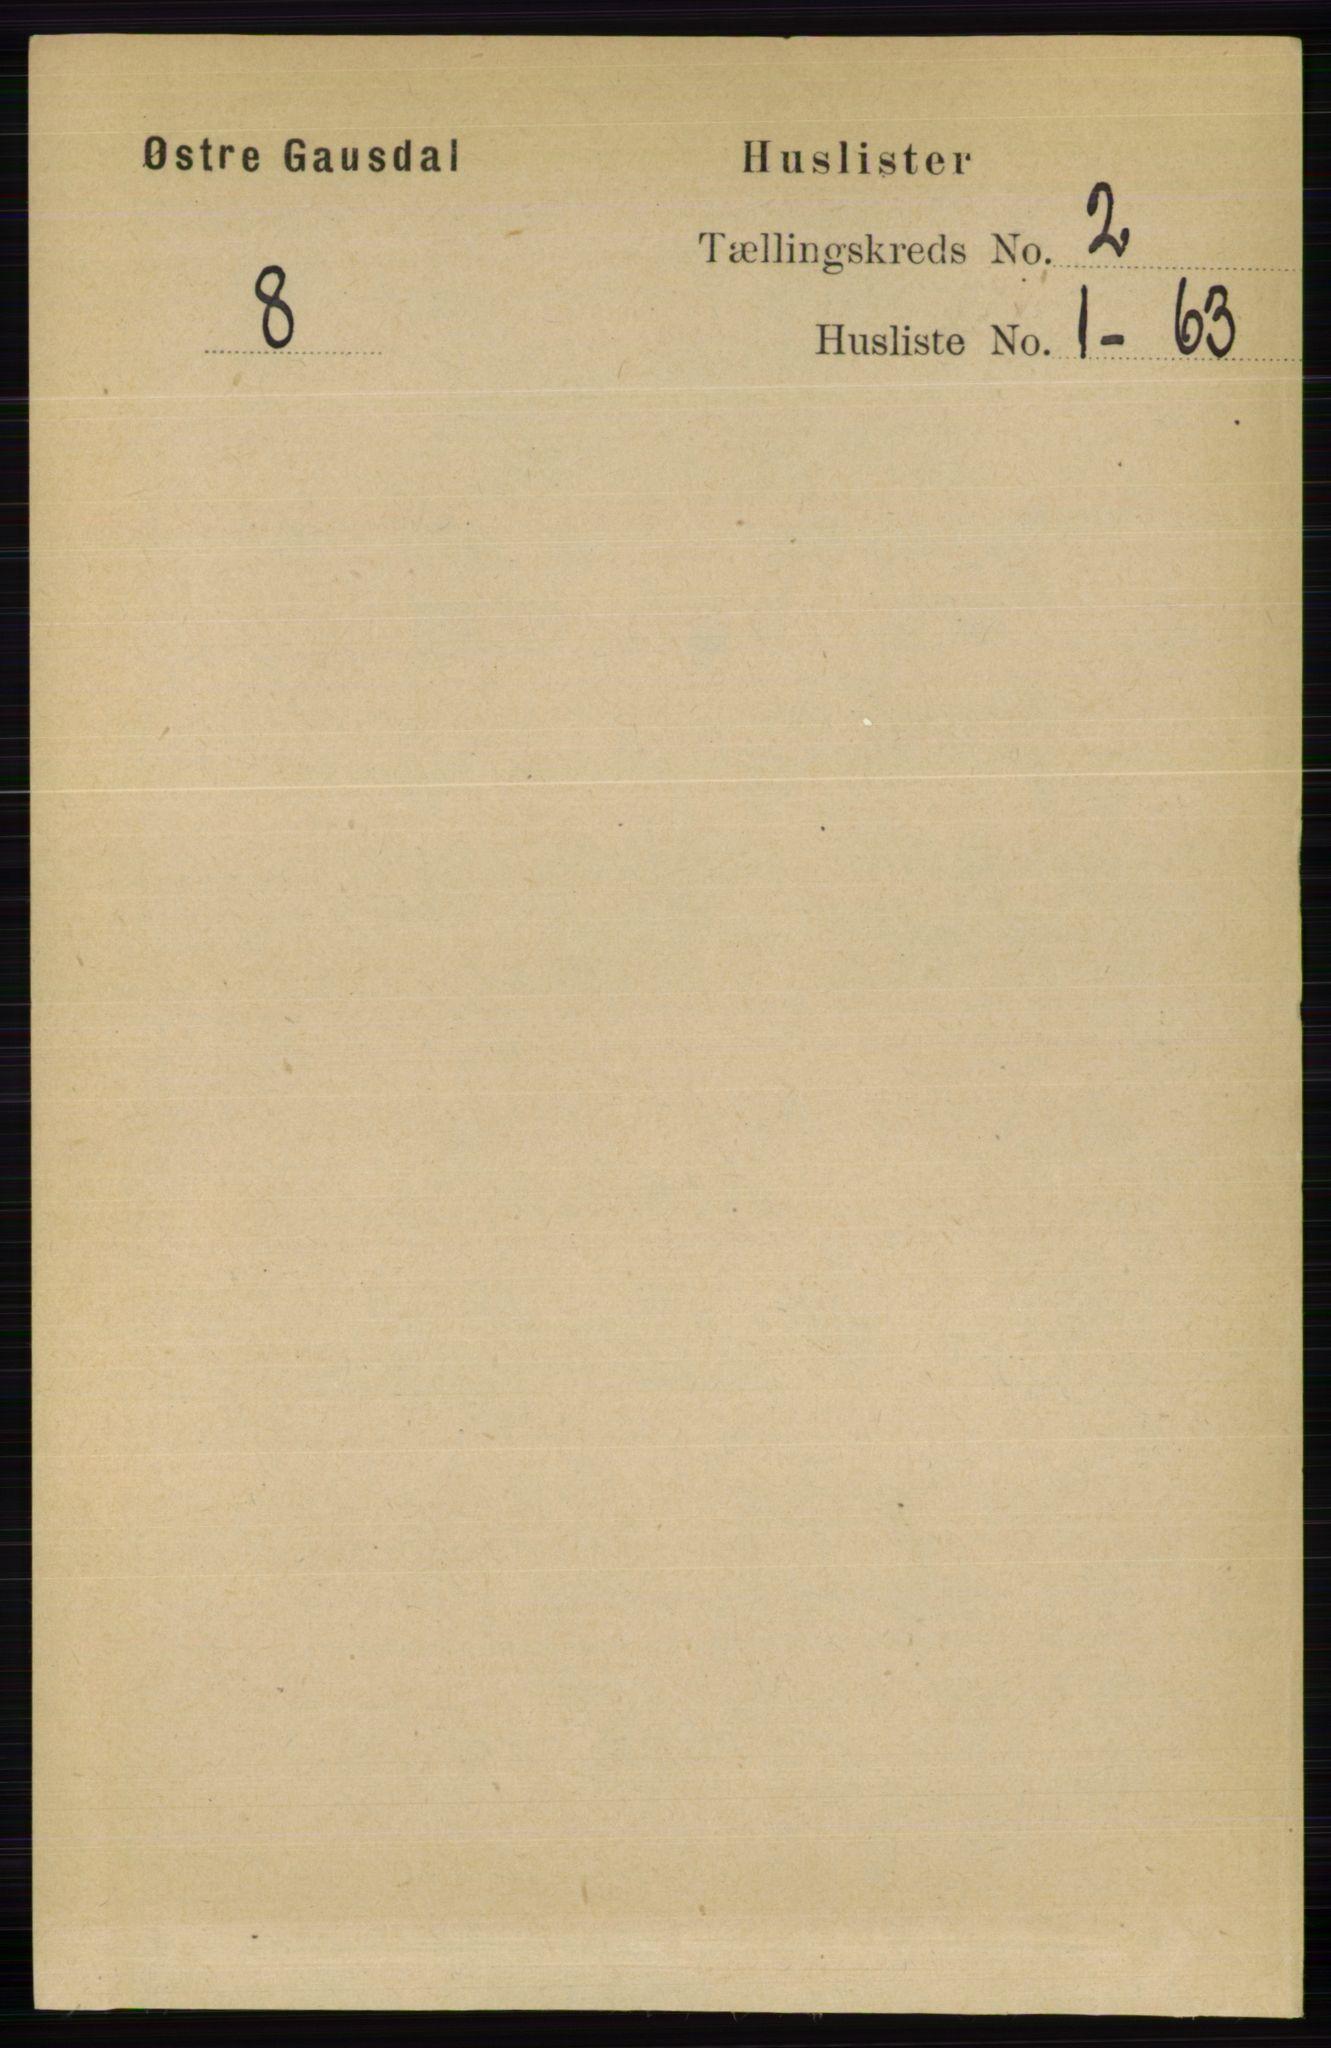 RA, Folketelling 1891 for 0522 Østre Gausdal herred, 1891, s. 1087